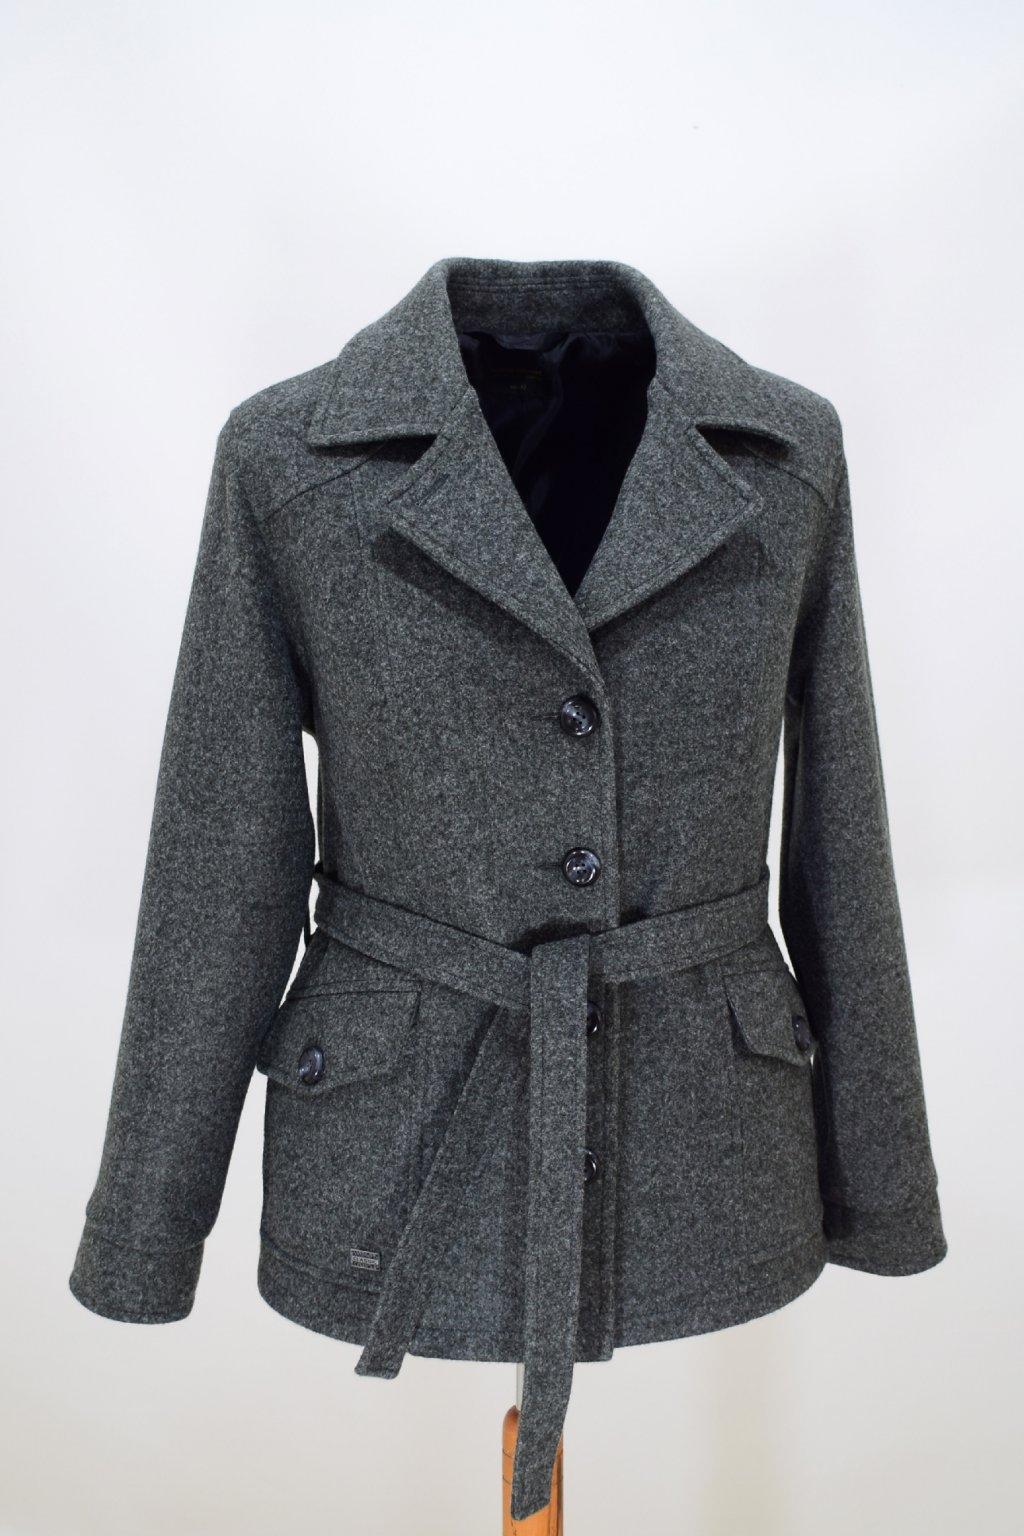 Dámský tmavě šedý přechodový kabátek Erika nadměrné velikosti.